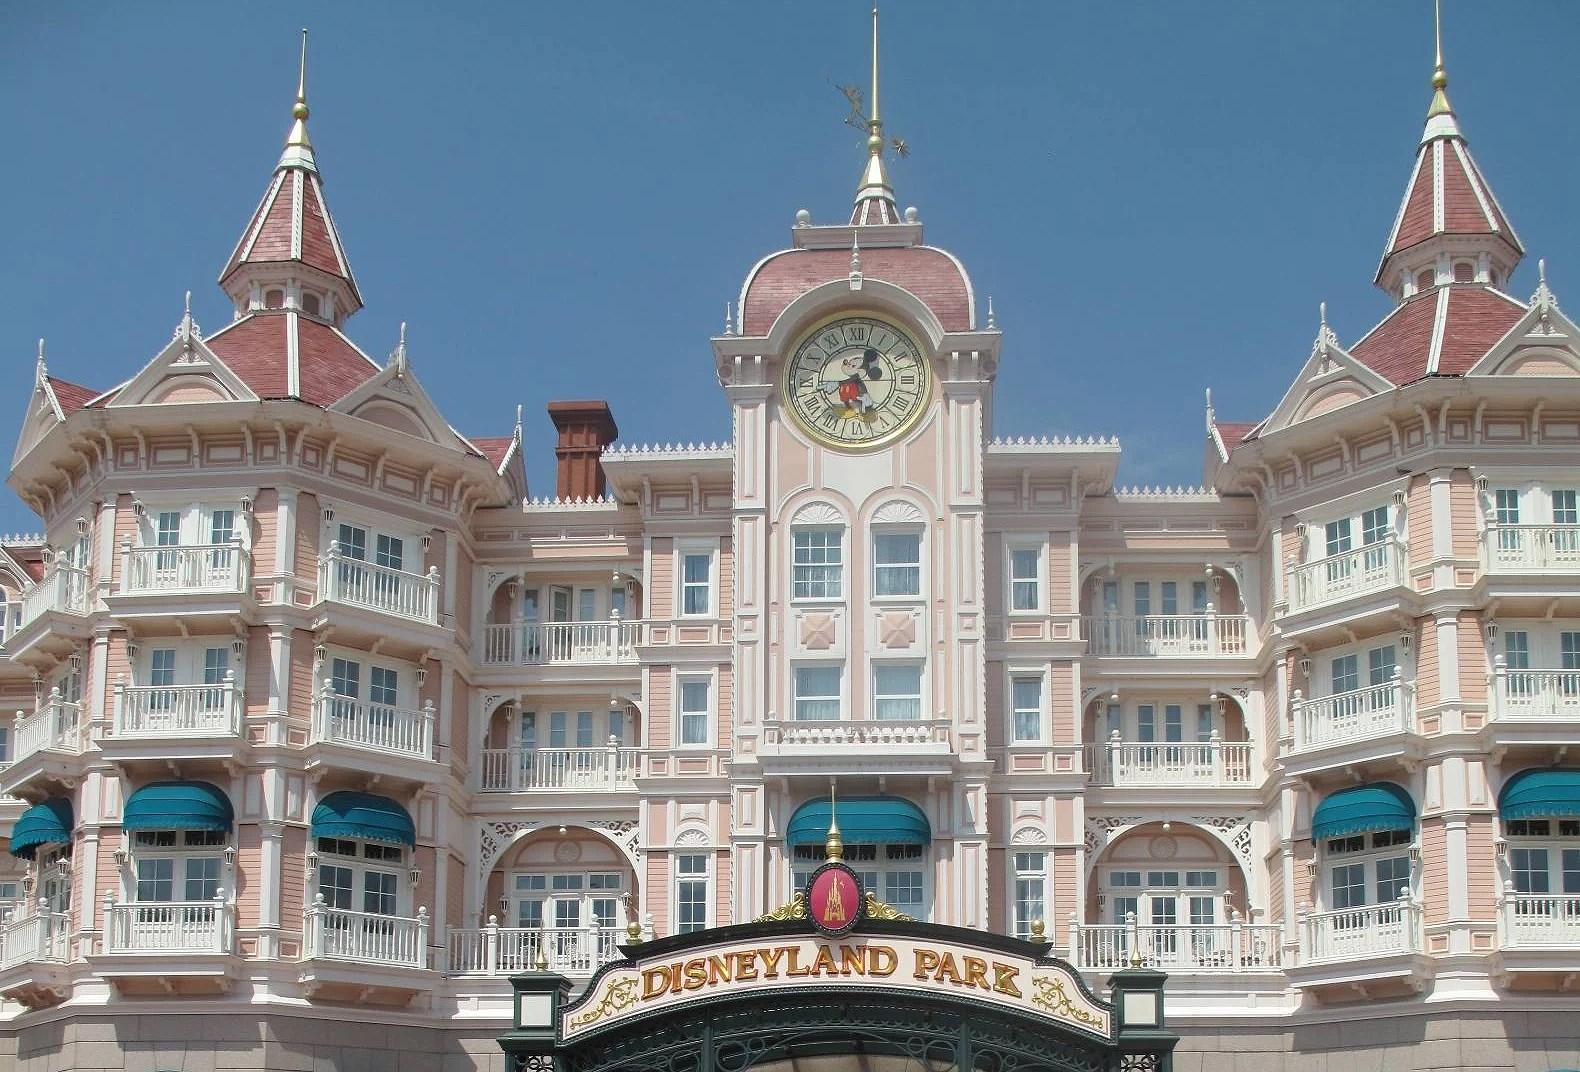 Disneyland Hotel - Deluxe hotell på Disneyland Paris (EuroDisney)